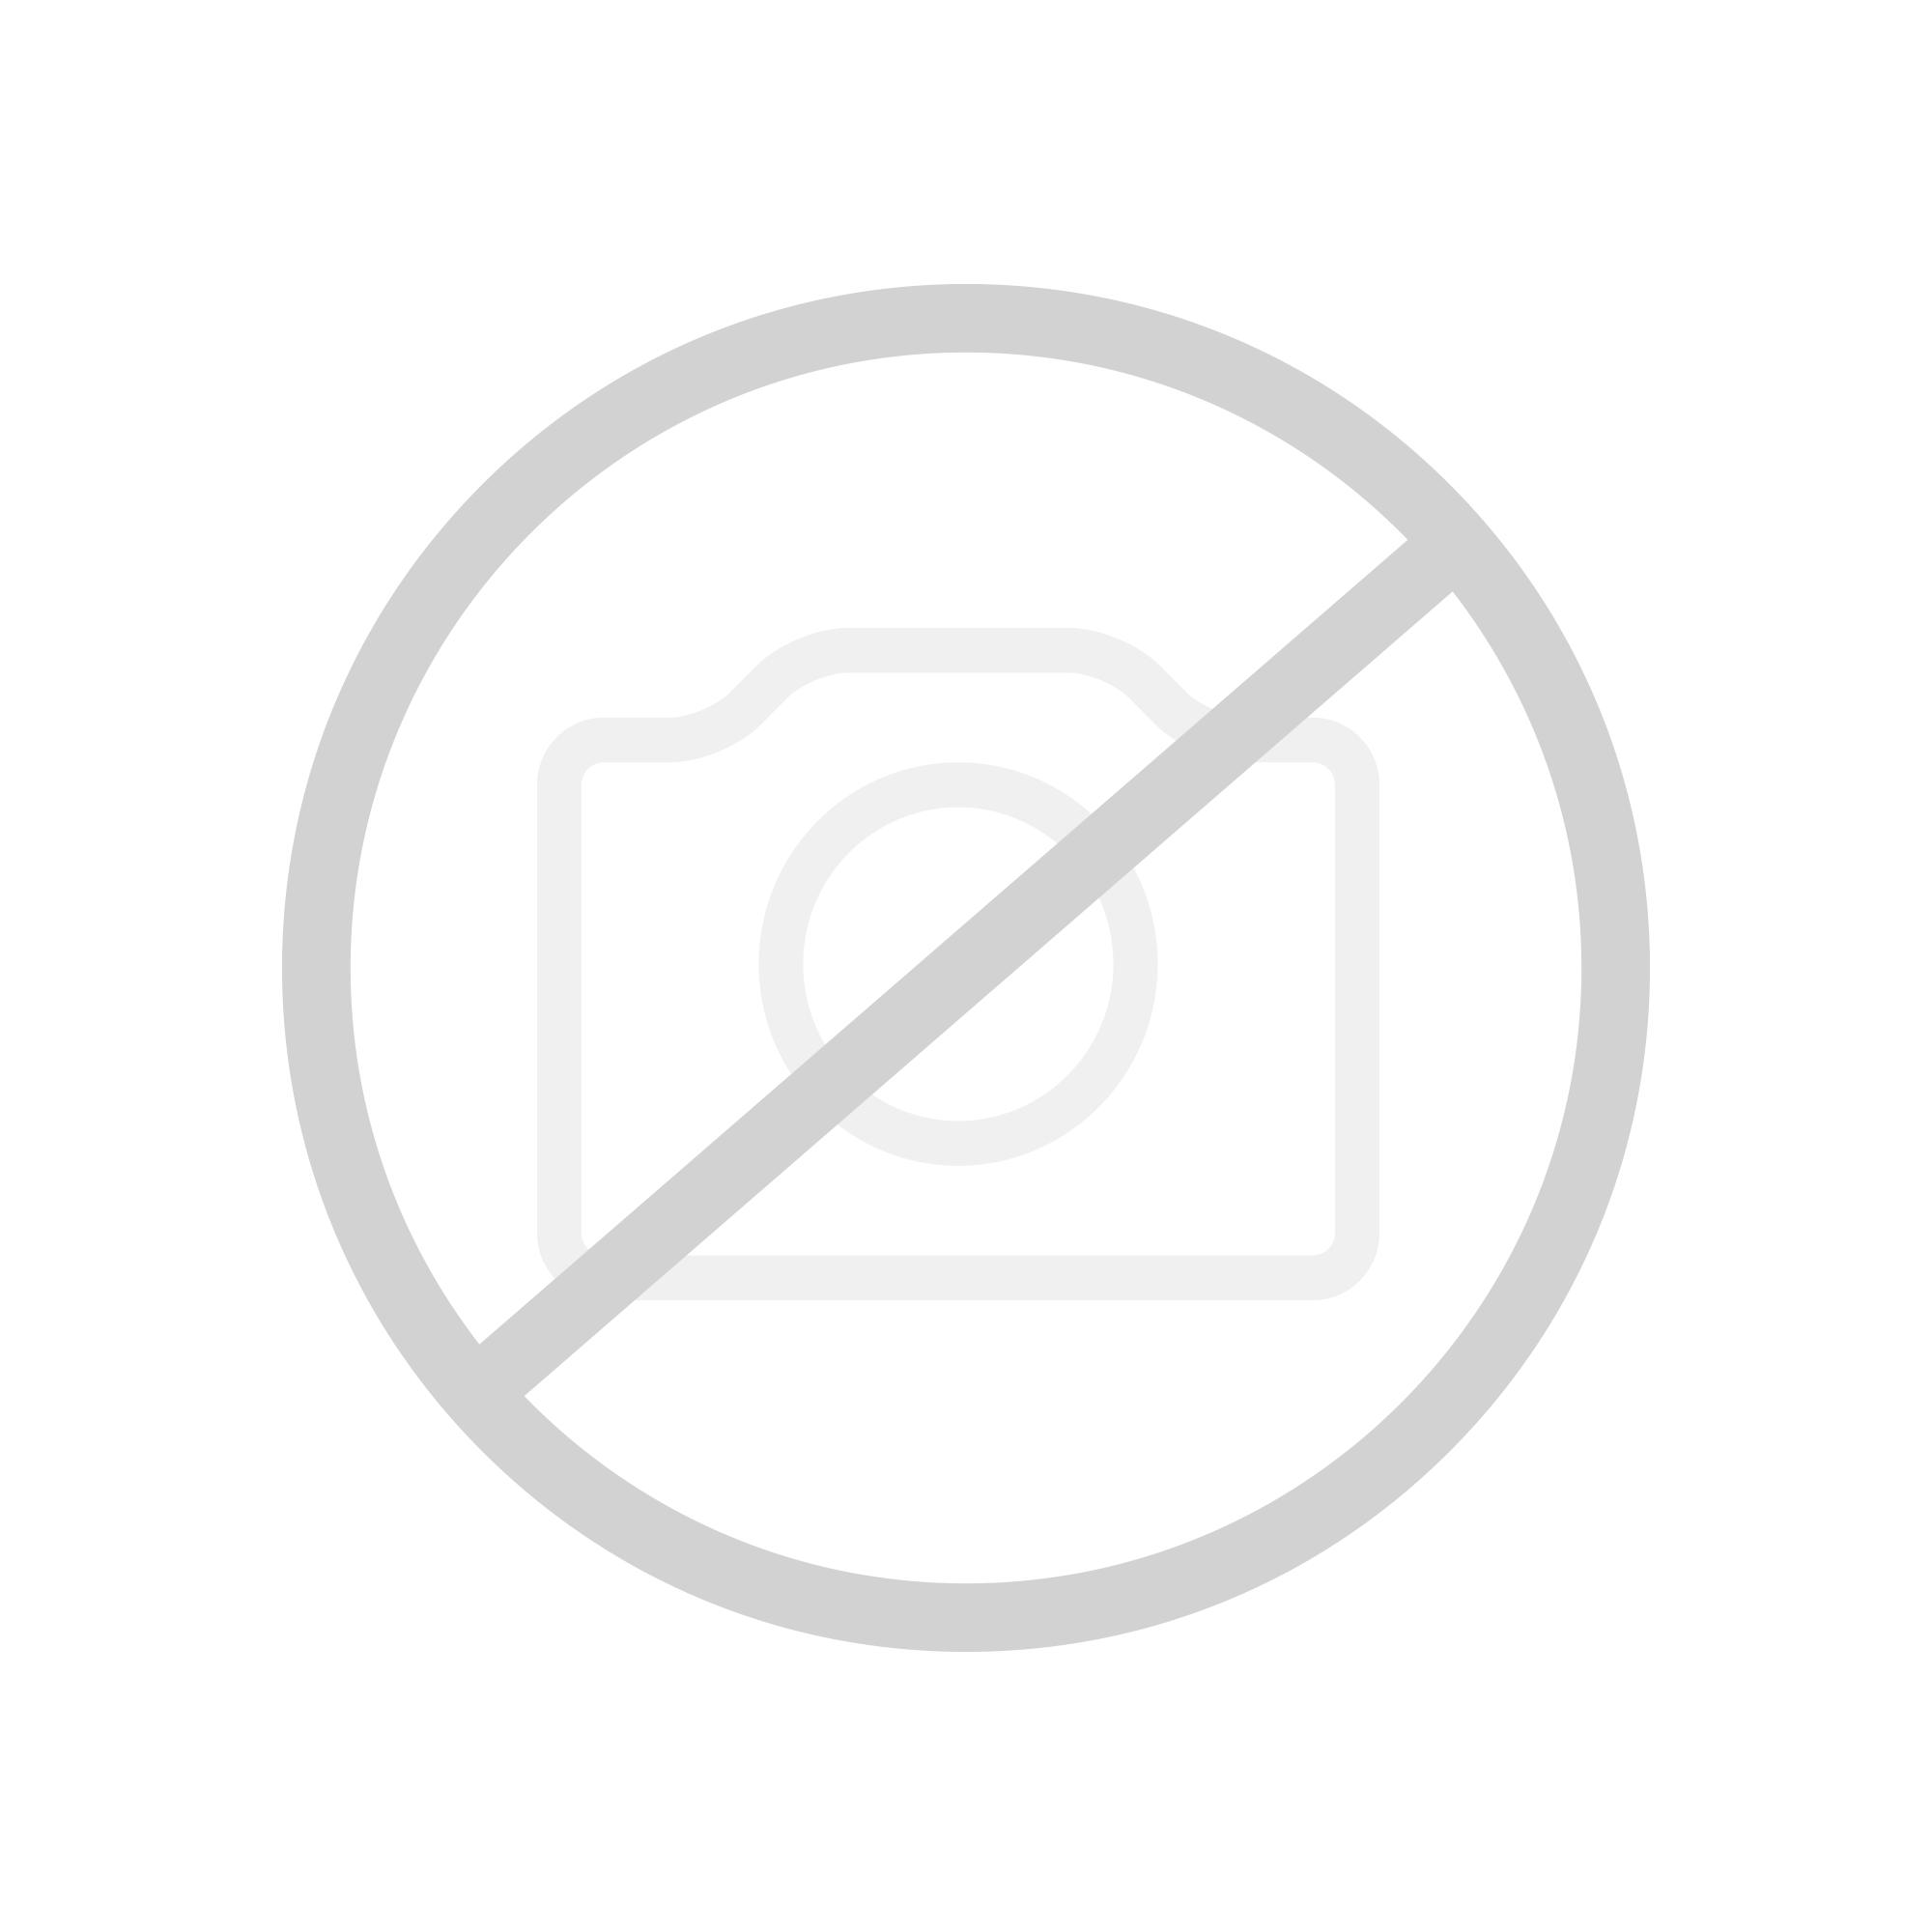 HSK ASP 300 Spiegelschrank Anschlag links